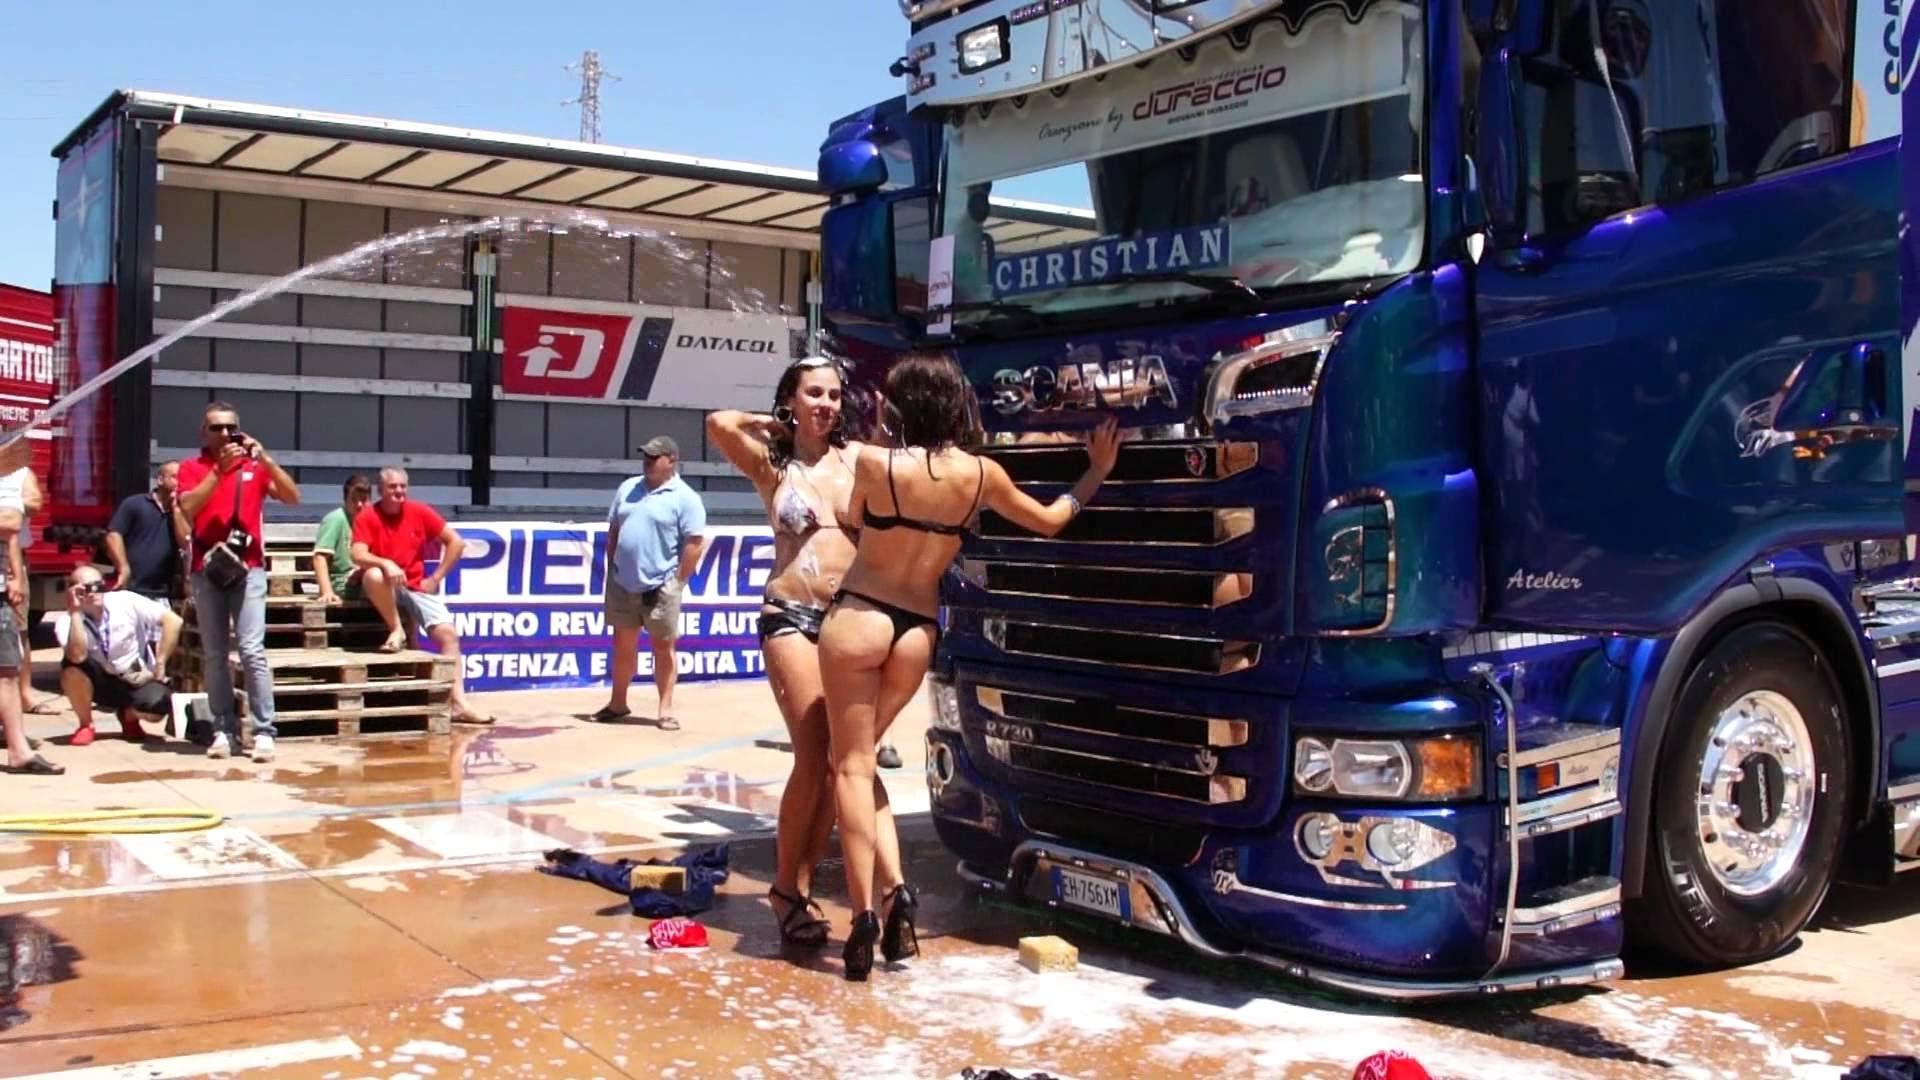 Chicas lavando Scania